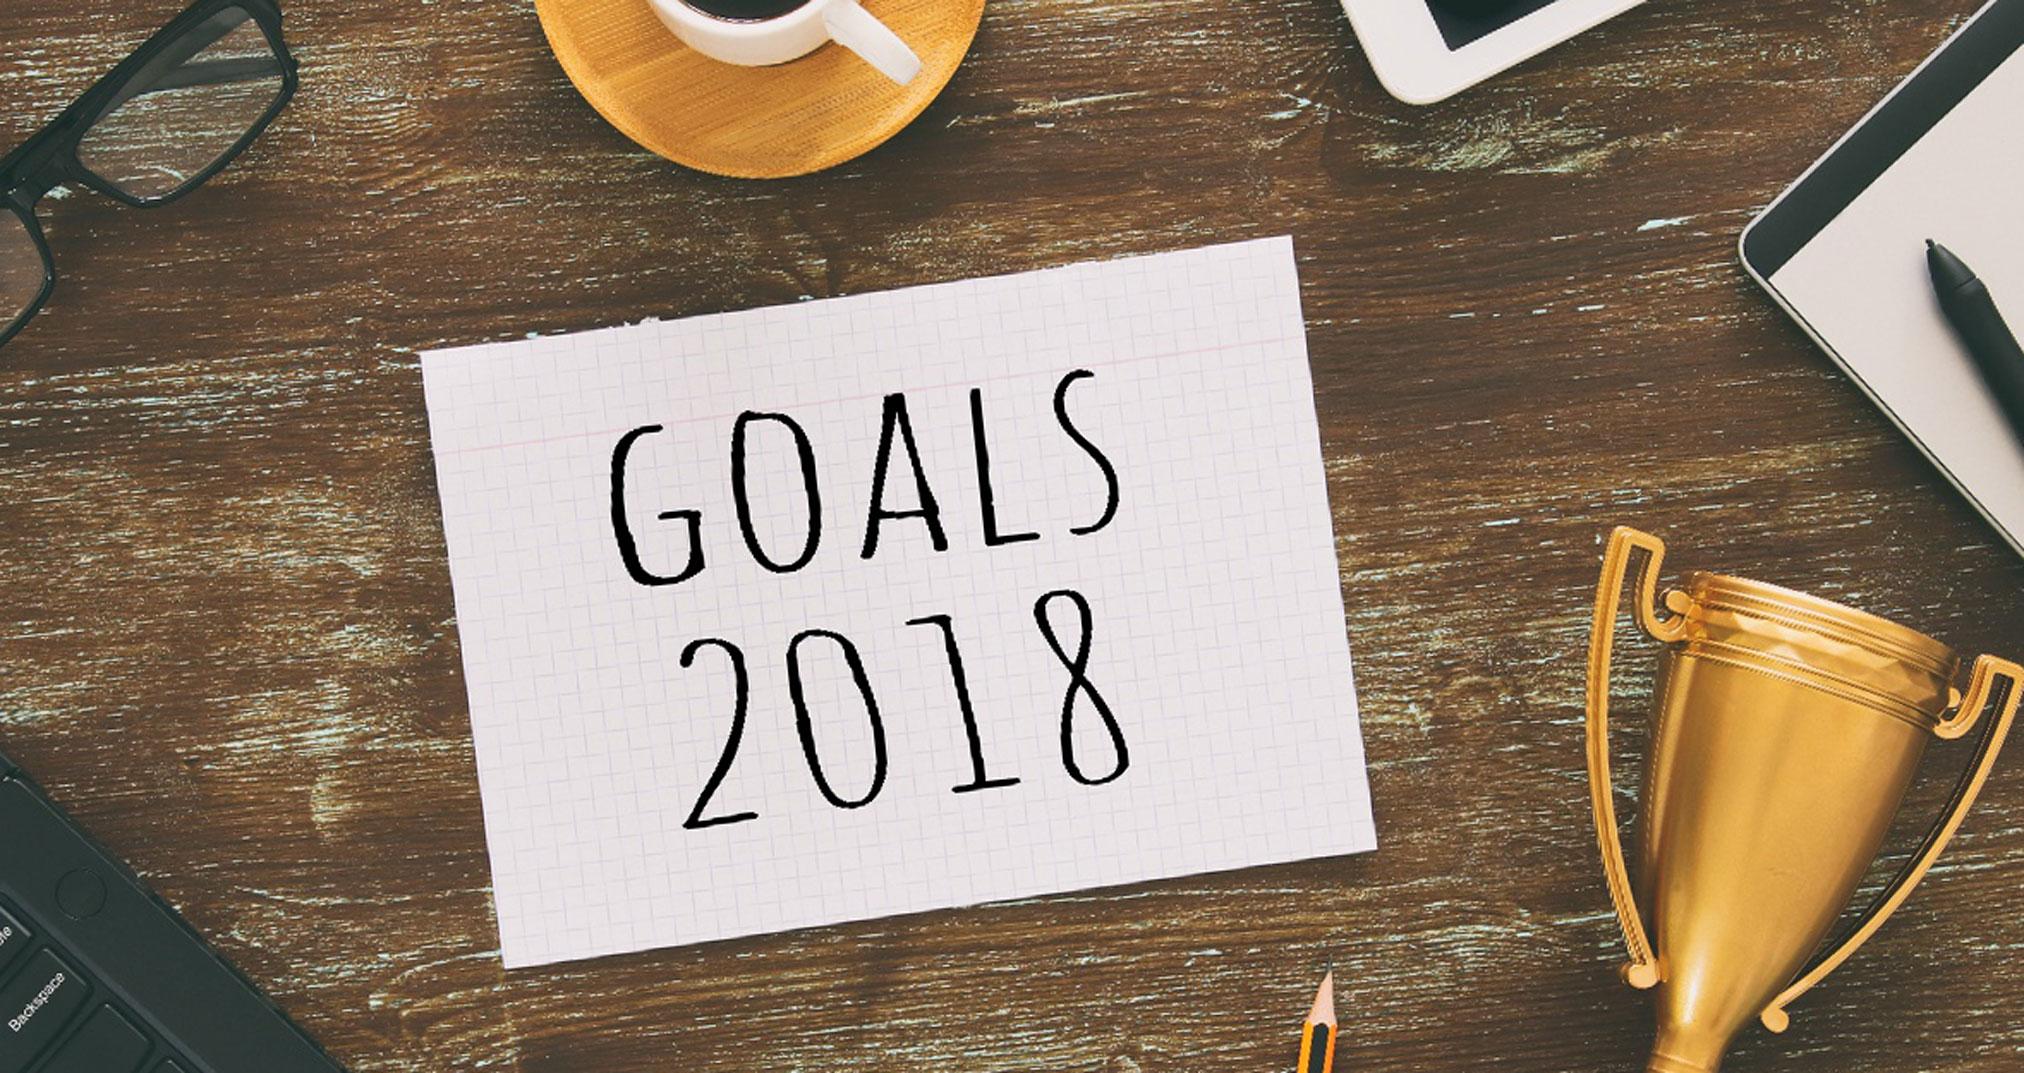 Resolutions-Goals-2024-0118.jpg